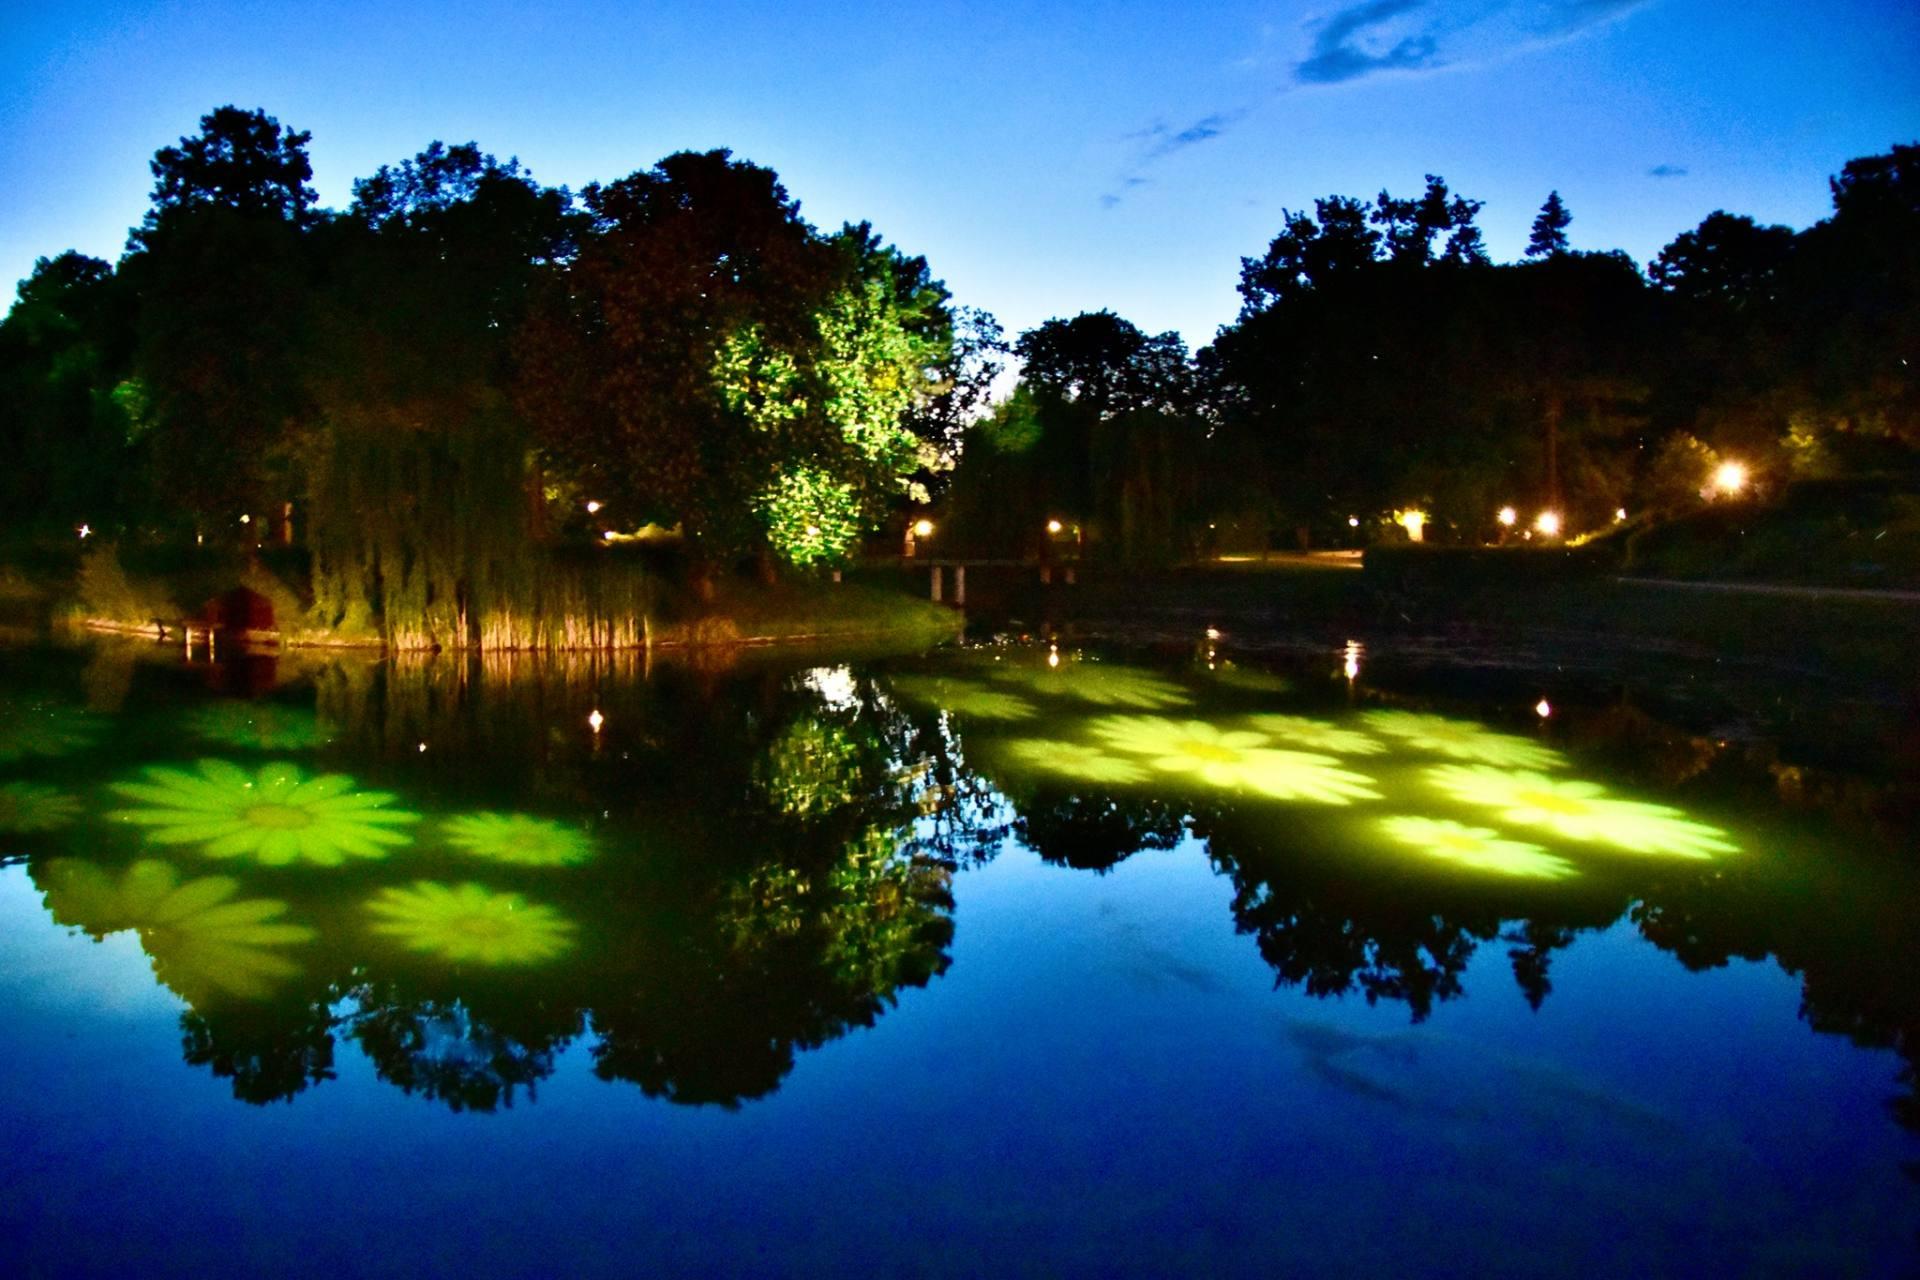 198134396 2996449390625178 5157676747536445912 n Noc Kupały w zamojskim parku.